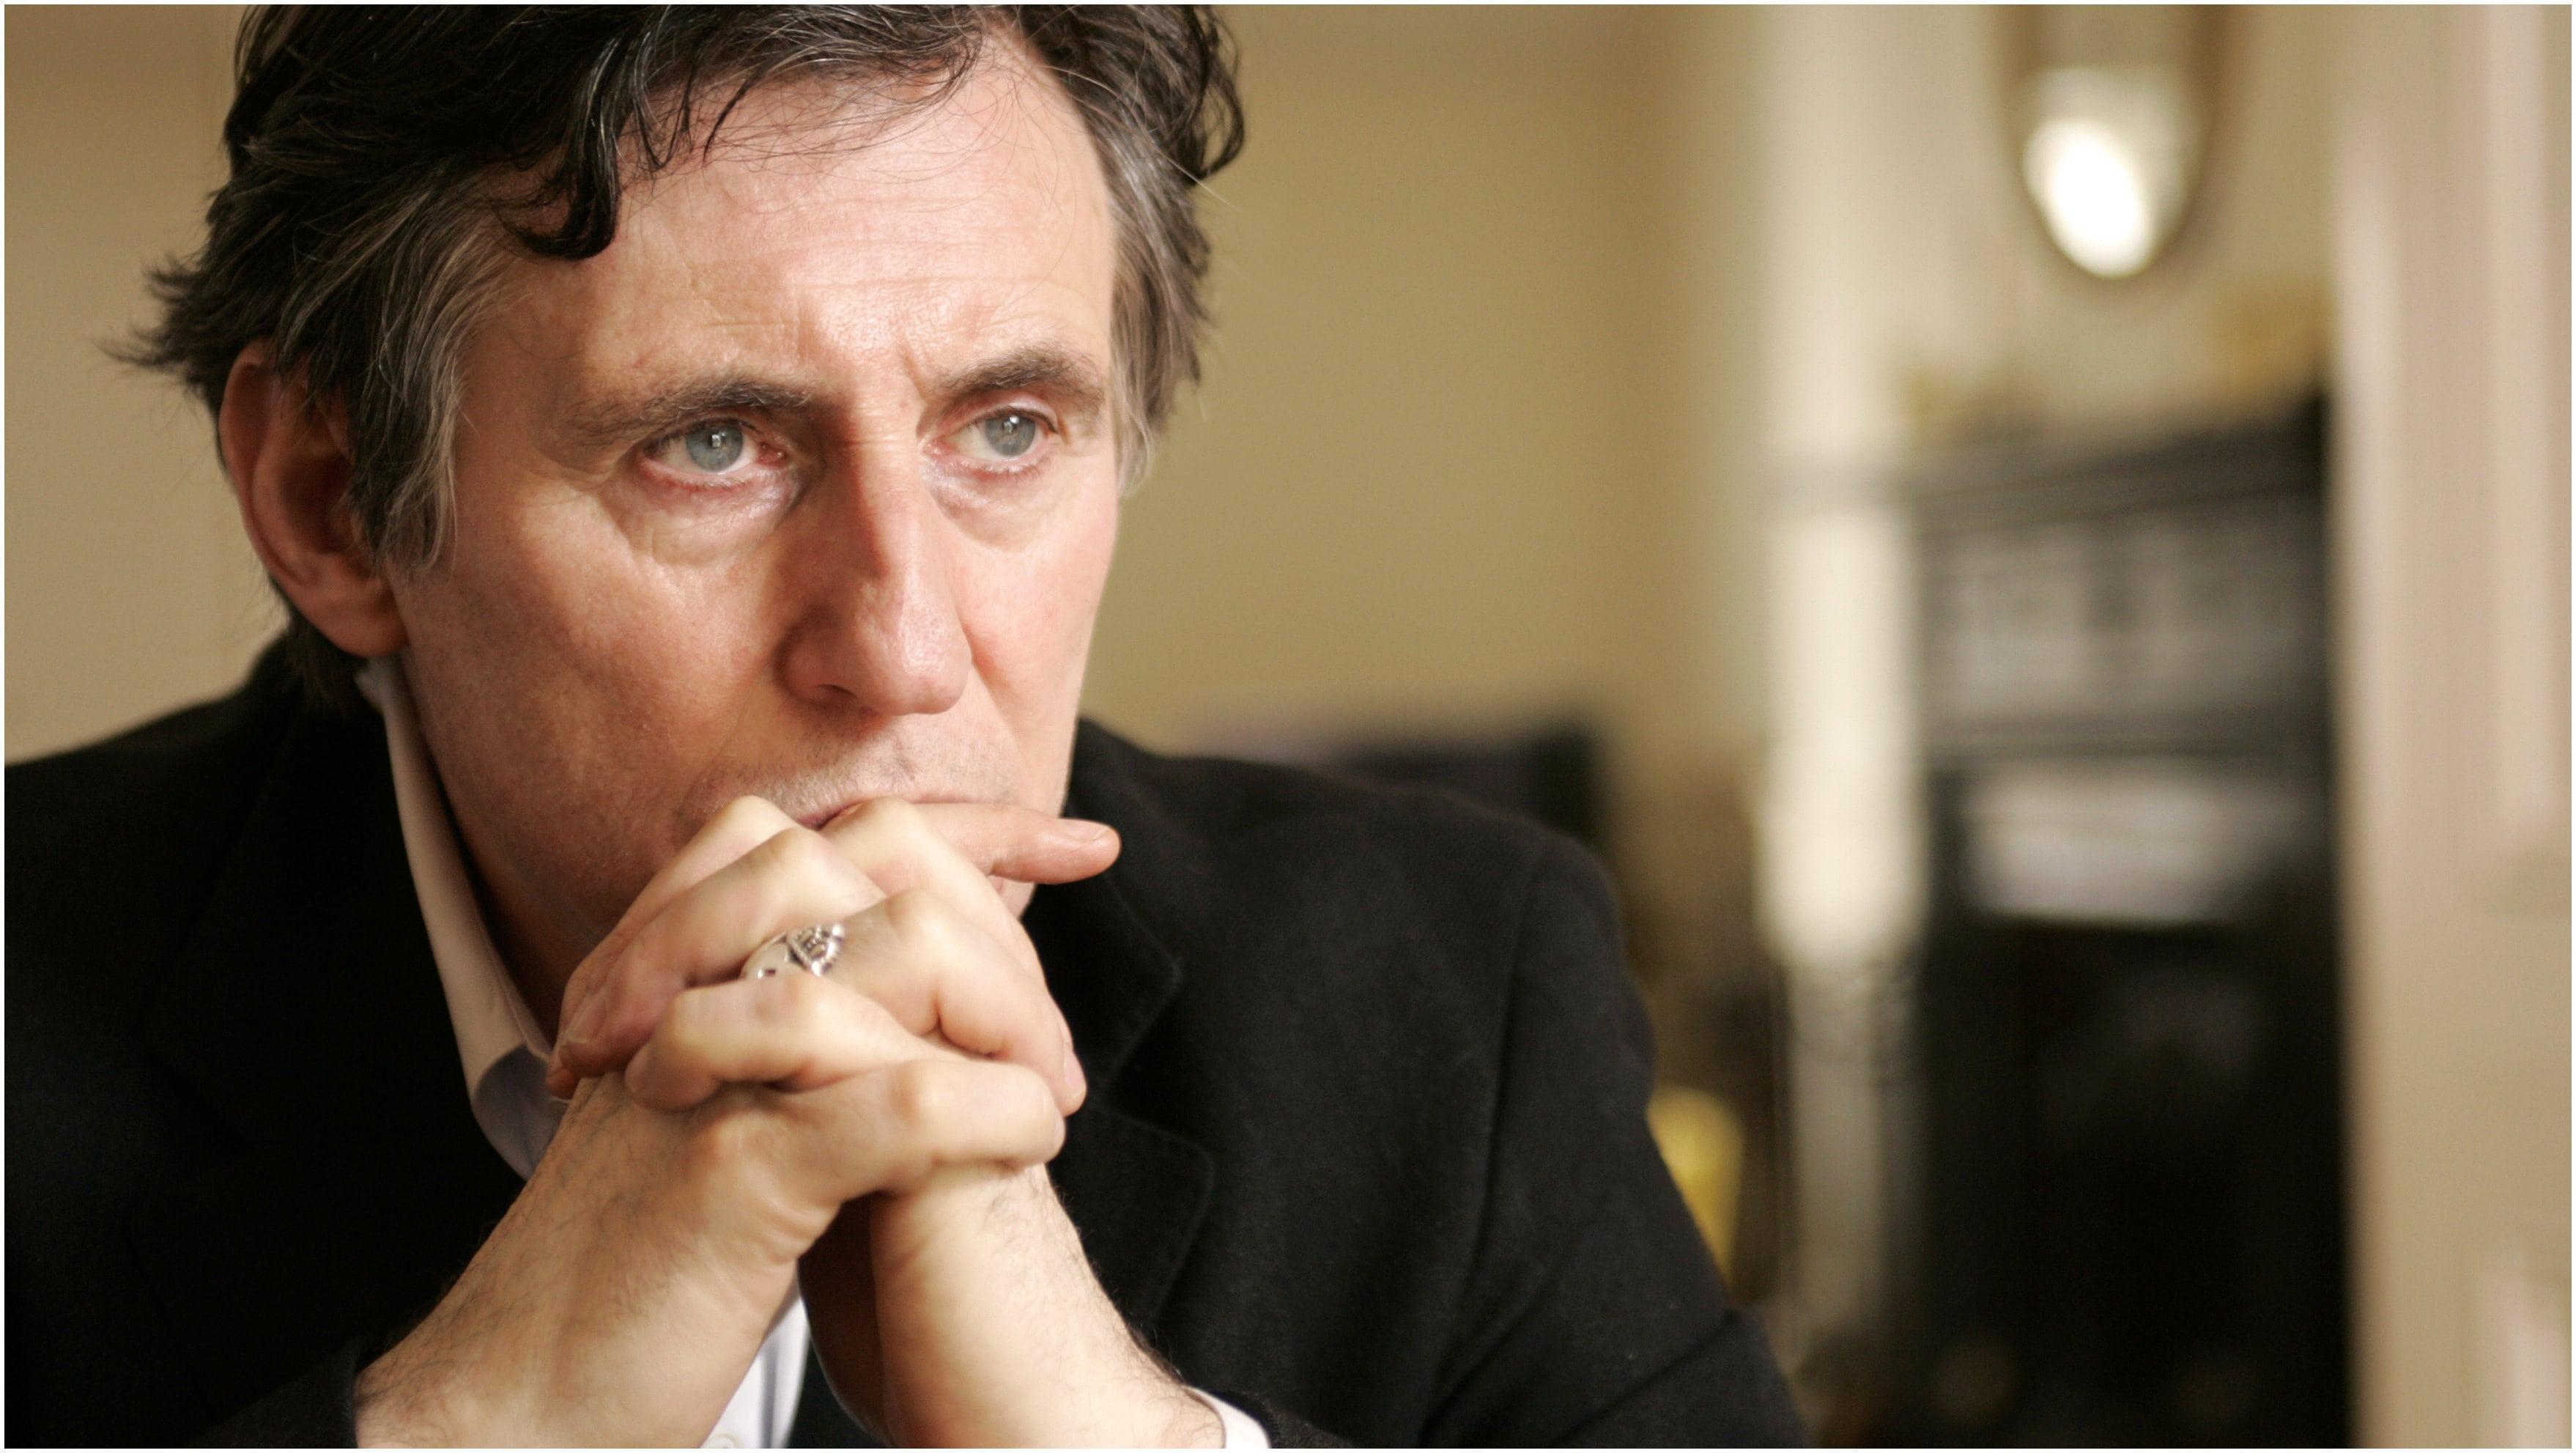 Gabriel Byrne Background